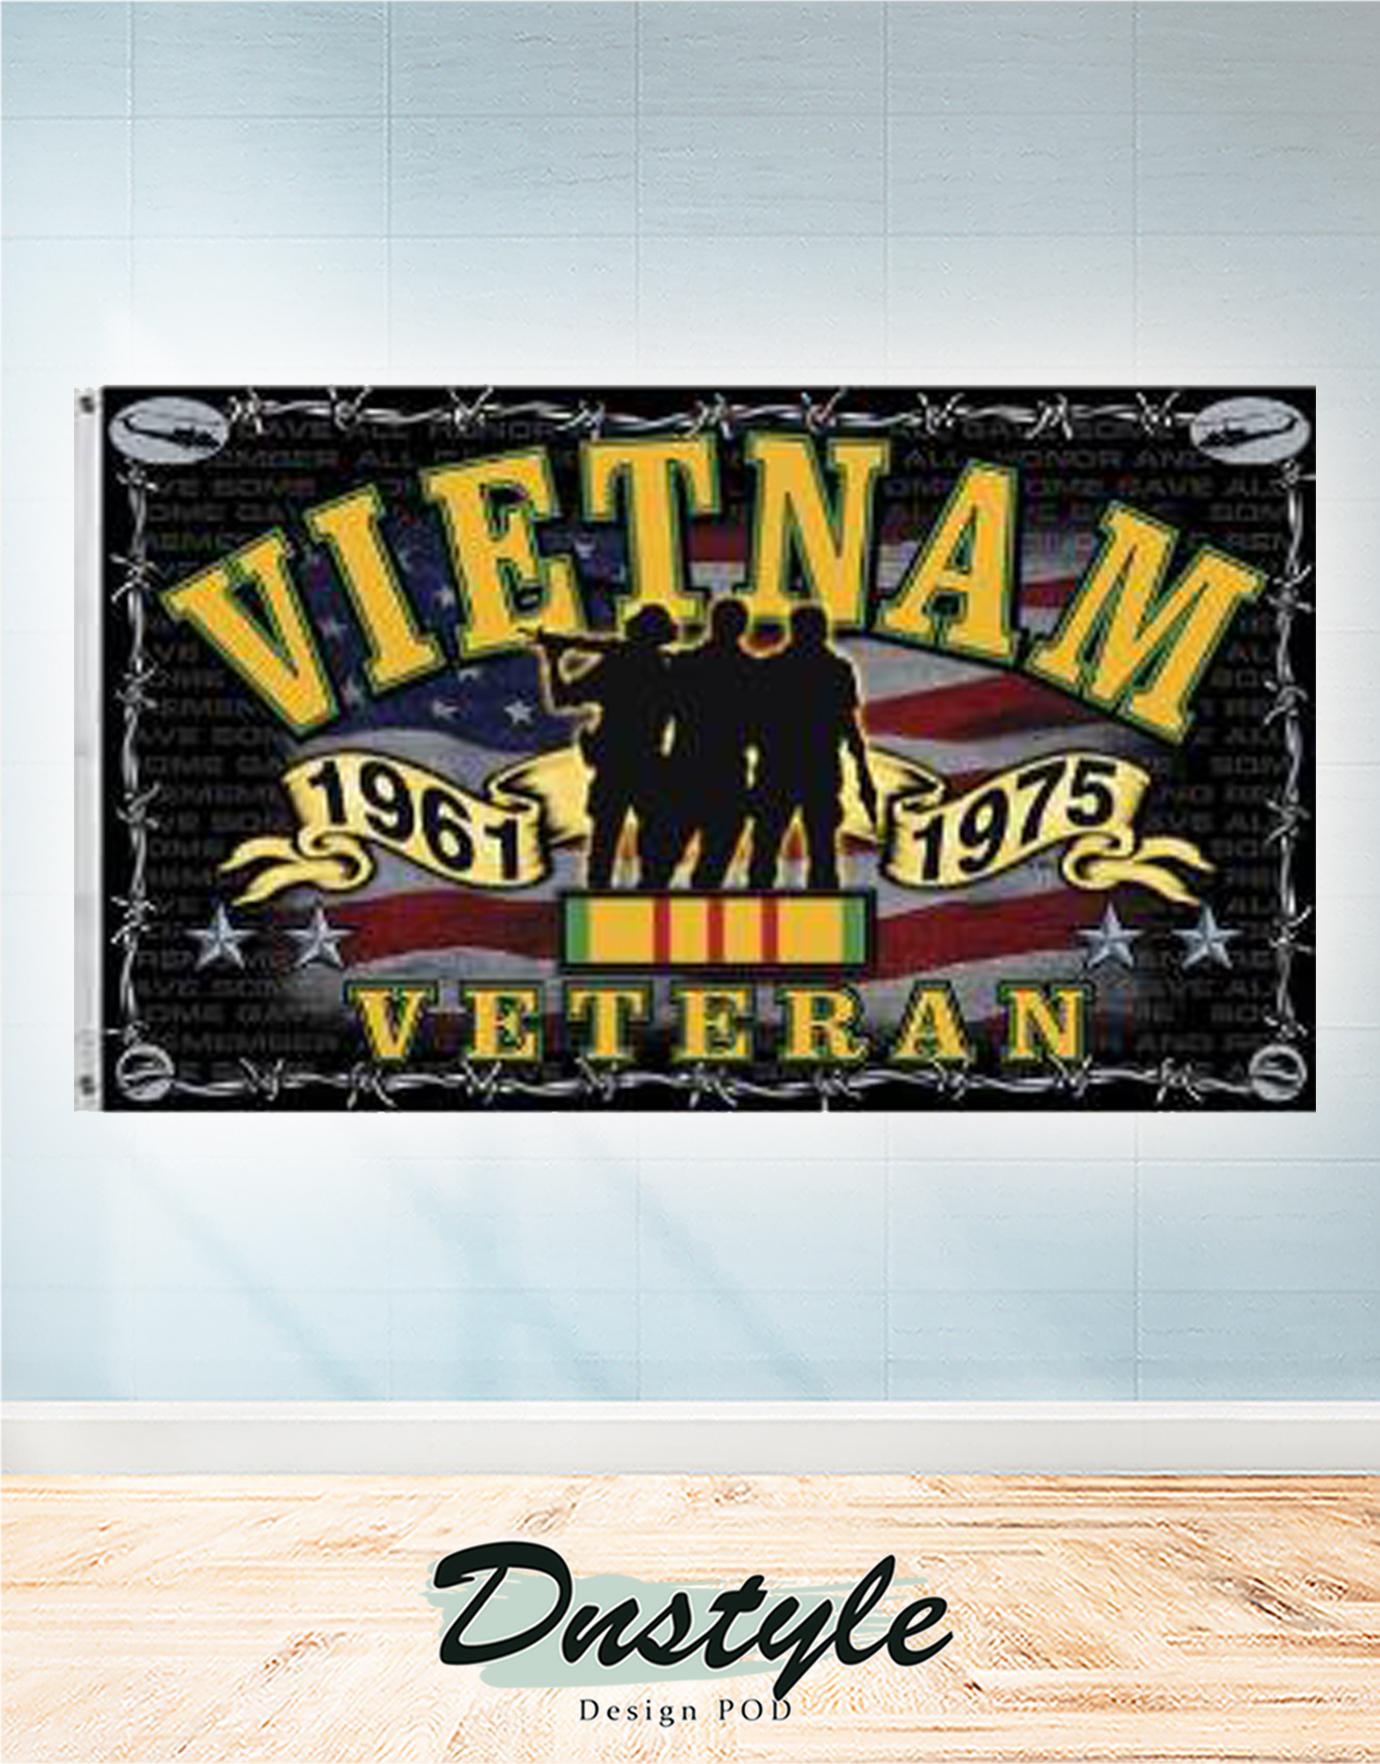 Vietnam veteran memorial flag 1